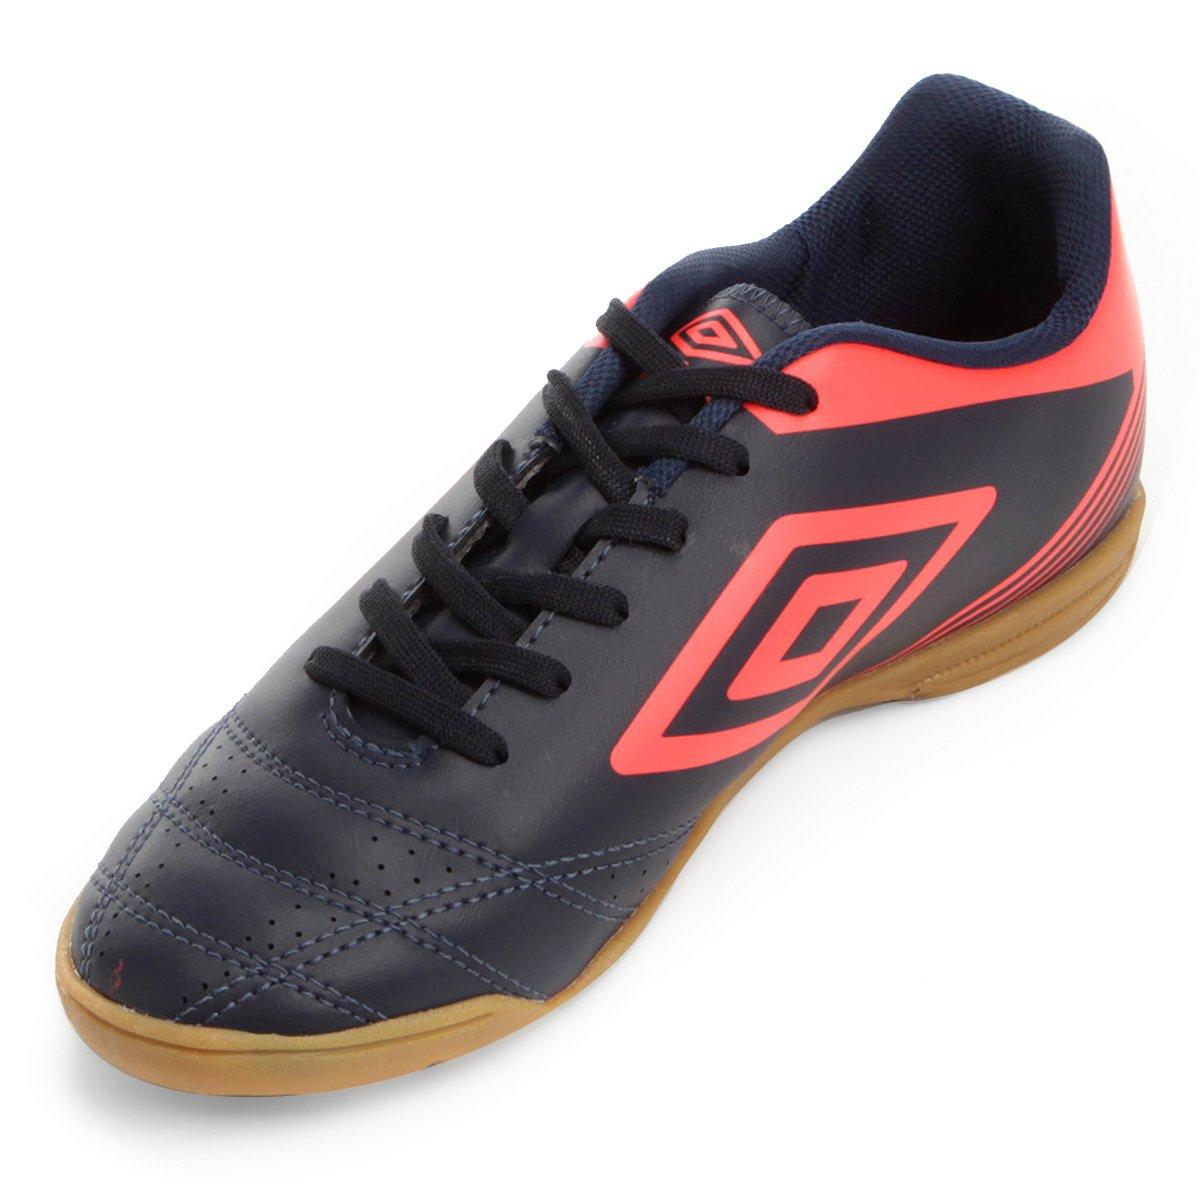 Chuteira Futsal Umbro Striker IV - Marinho - Compre Agora  bd46d21d38428